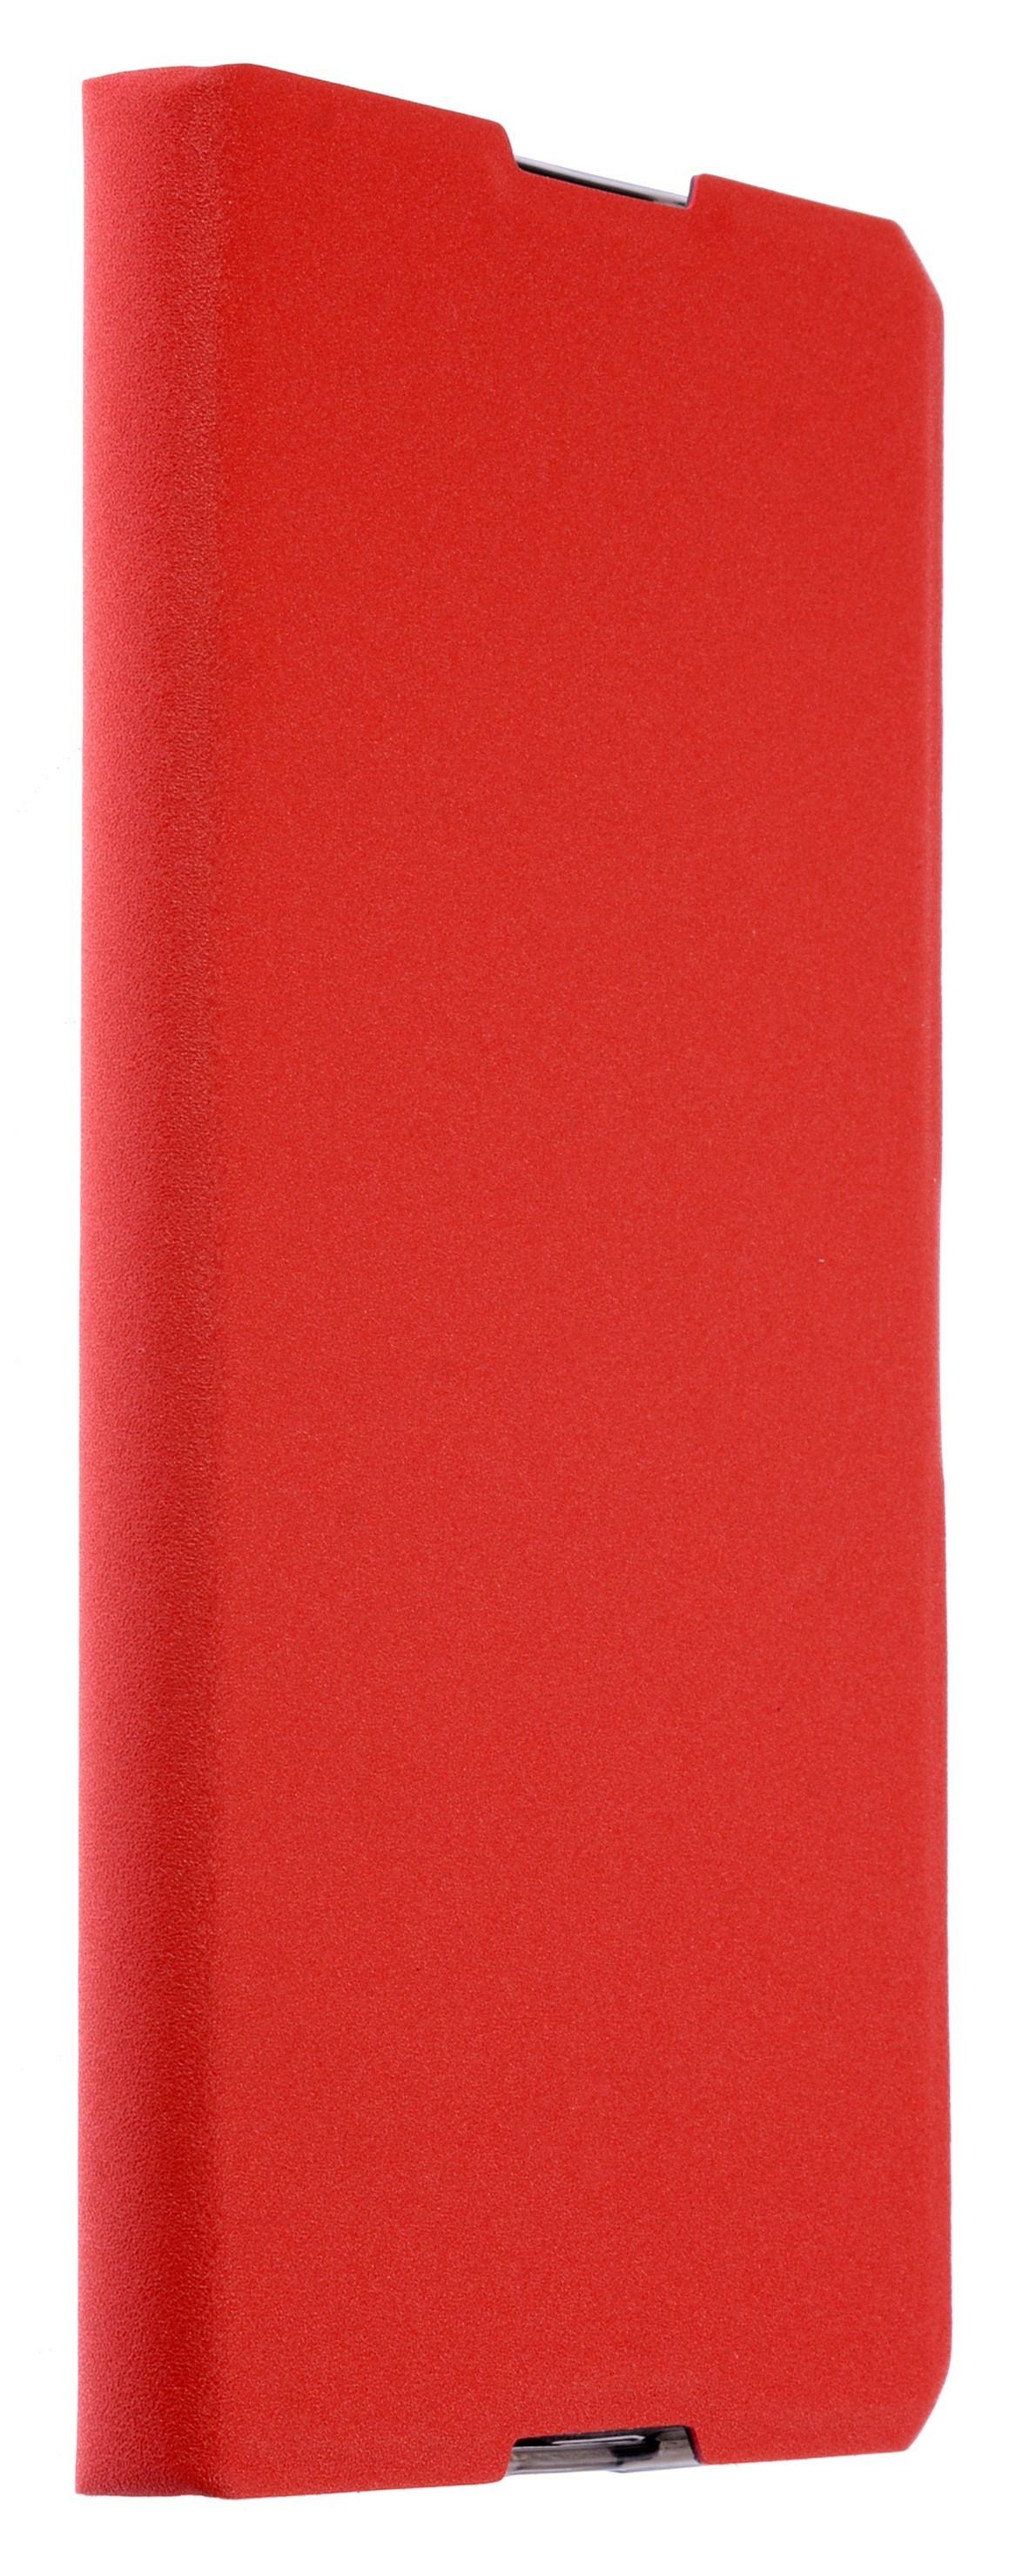 цена на Чехол для сотового телефона PRIME Book, 4630042523708, красный